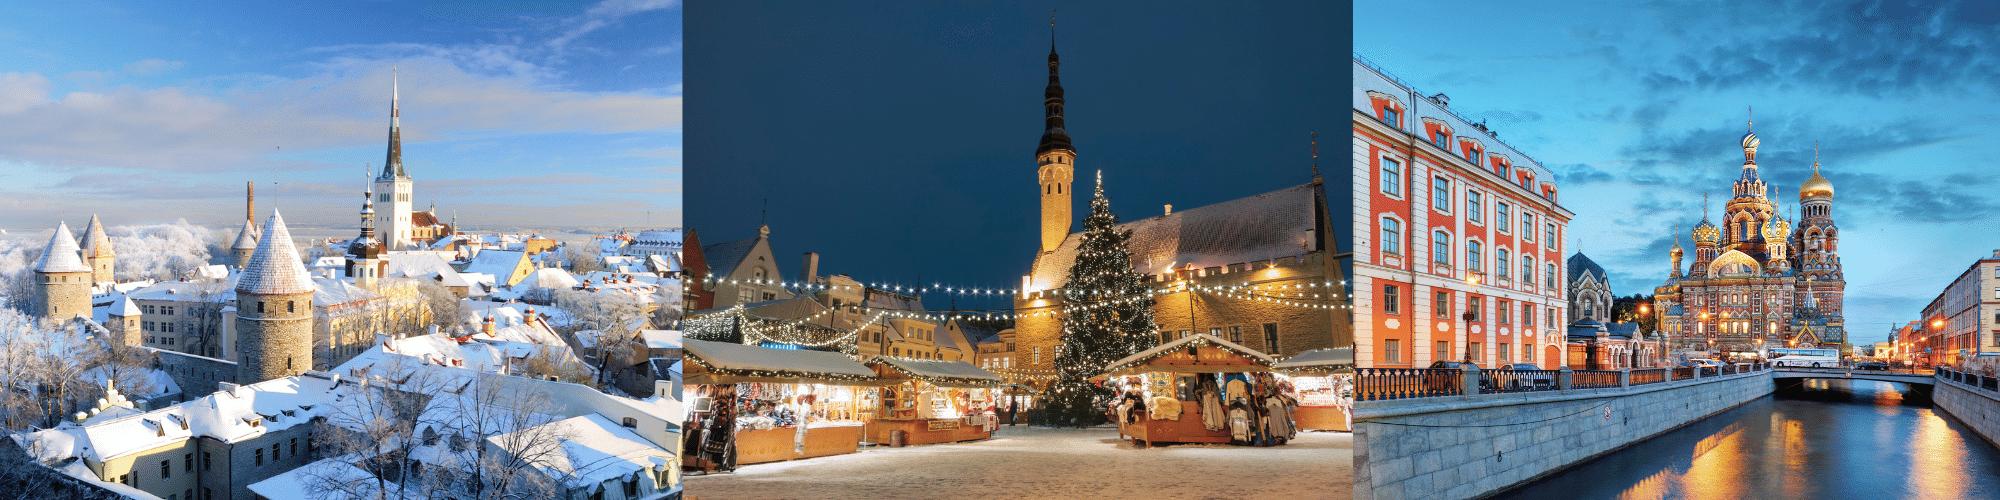 Estonia and Russia